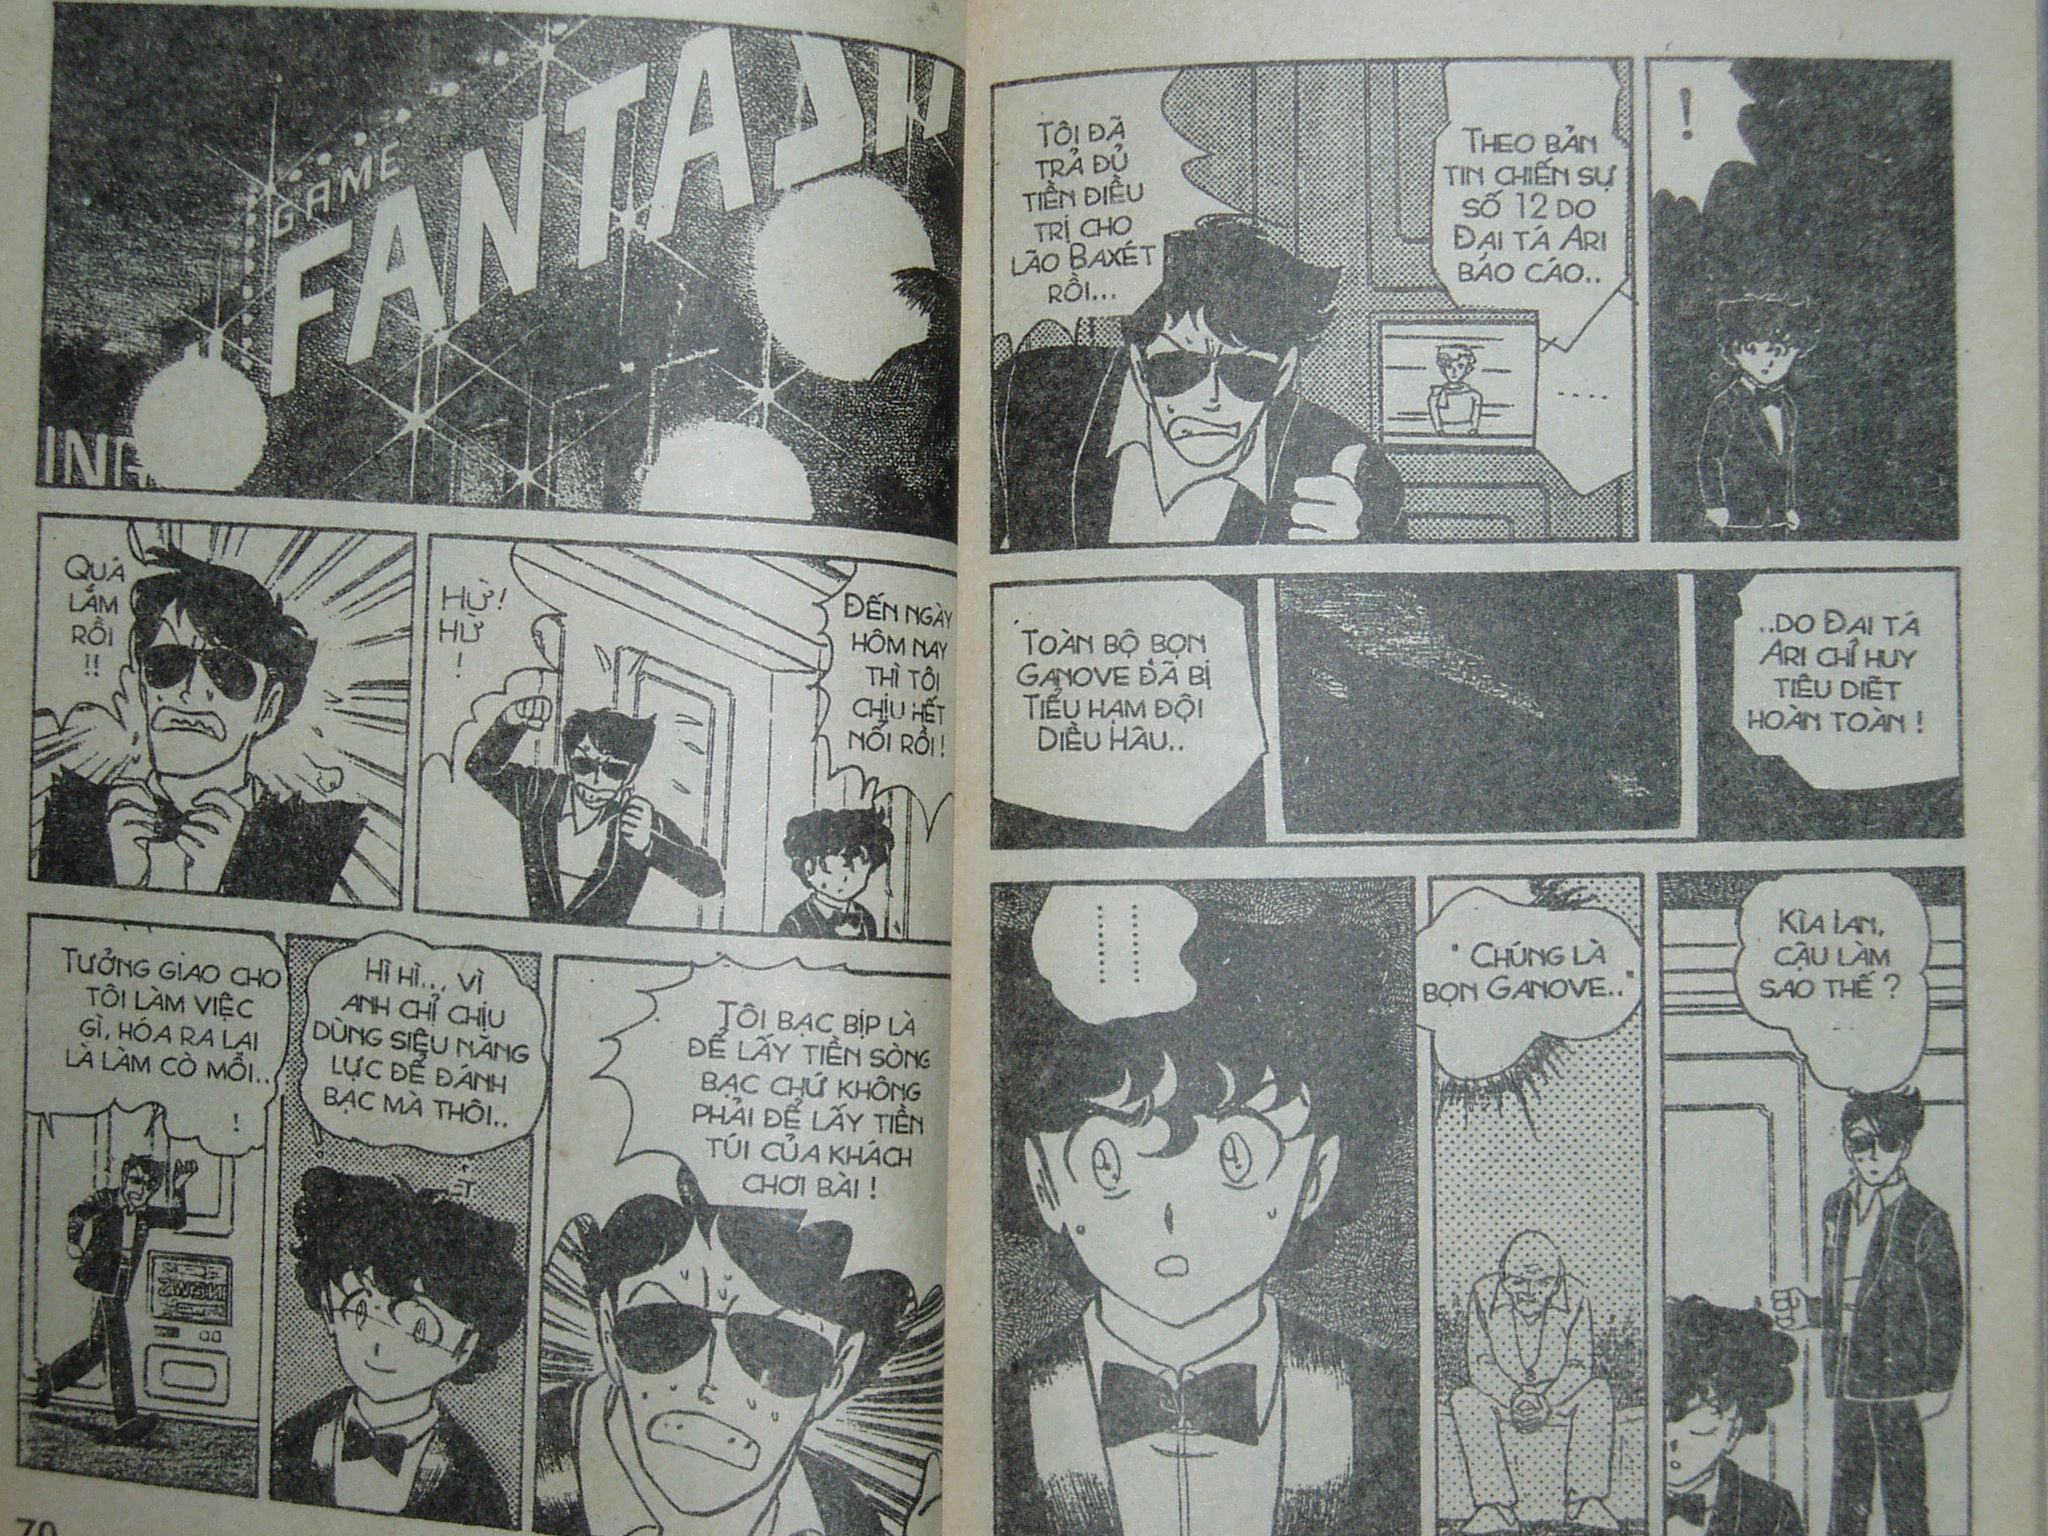 Siêu nhân Locke vol 14 trang 35